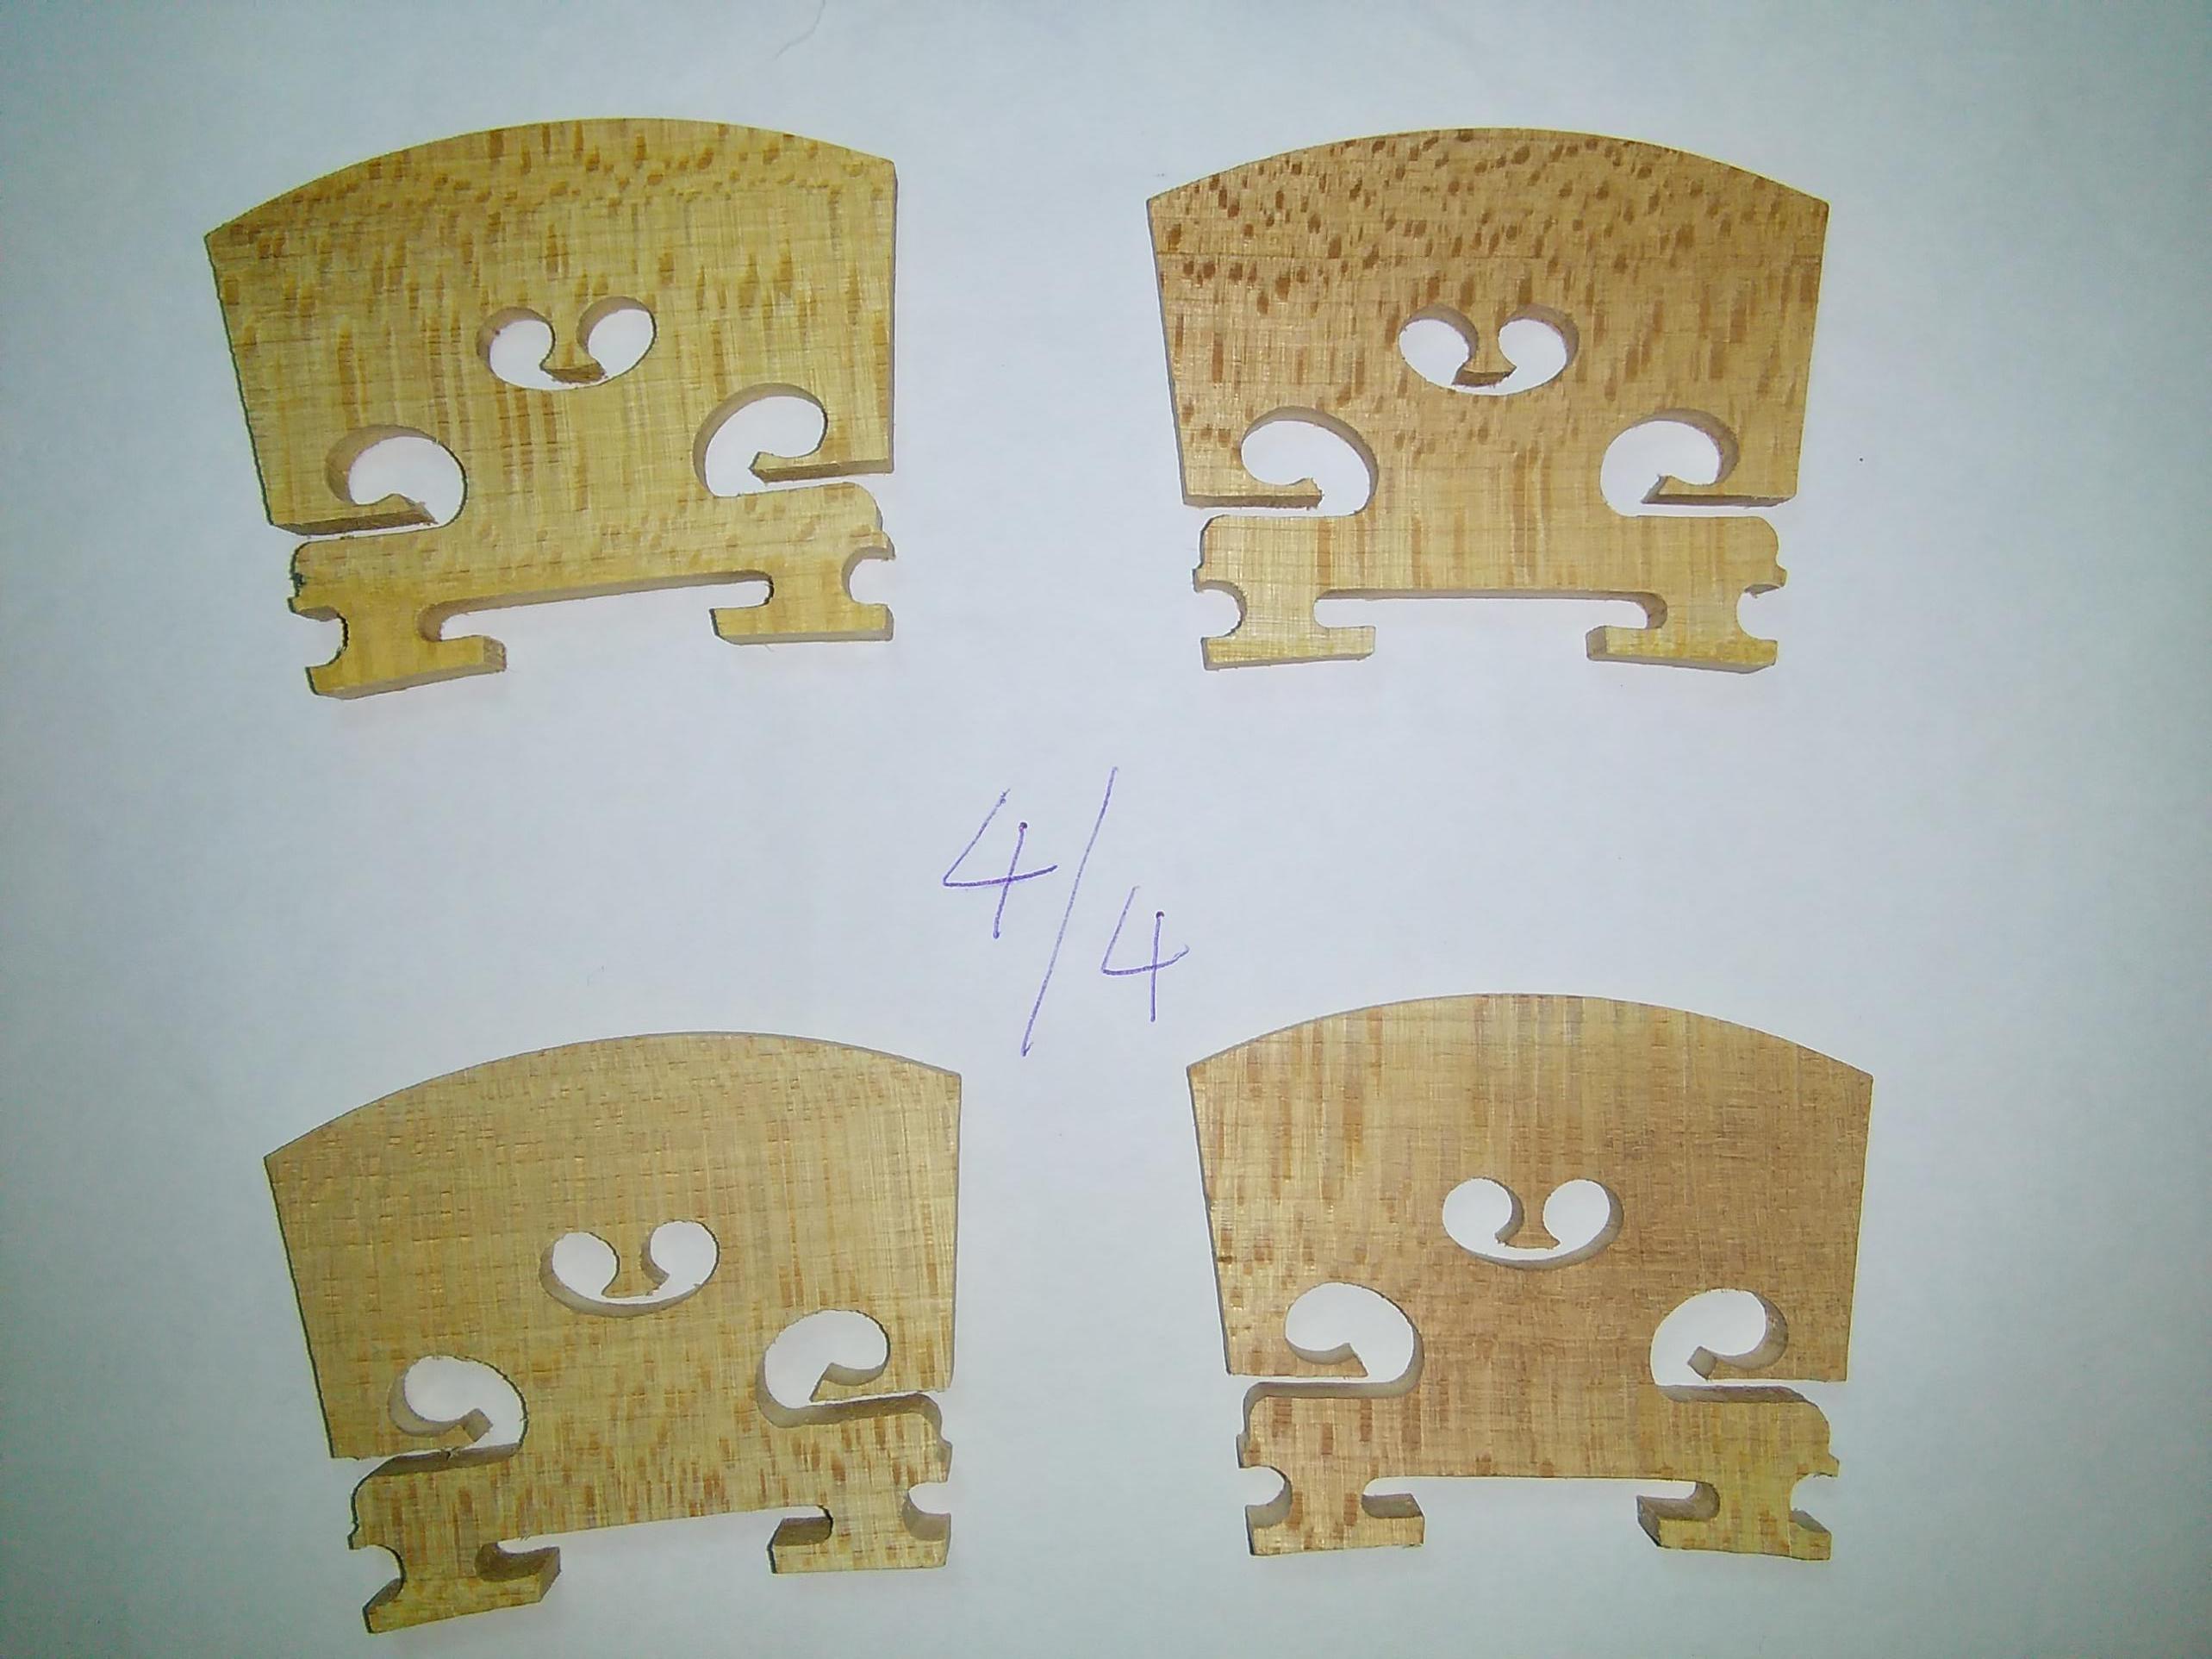 4pièces de violon hautement recommandées en bois d'érable vieilli de qualité supérieure en érable vieilli de 4 PCs